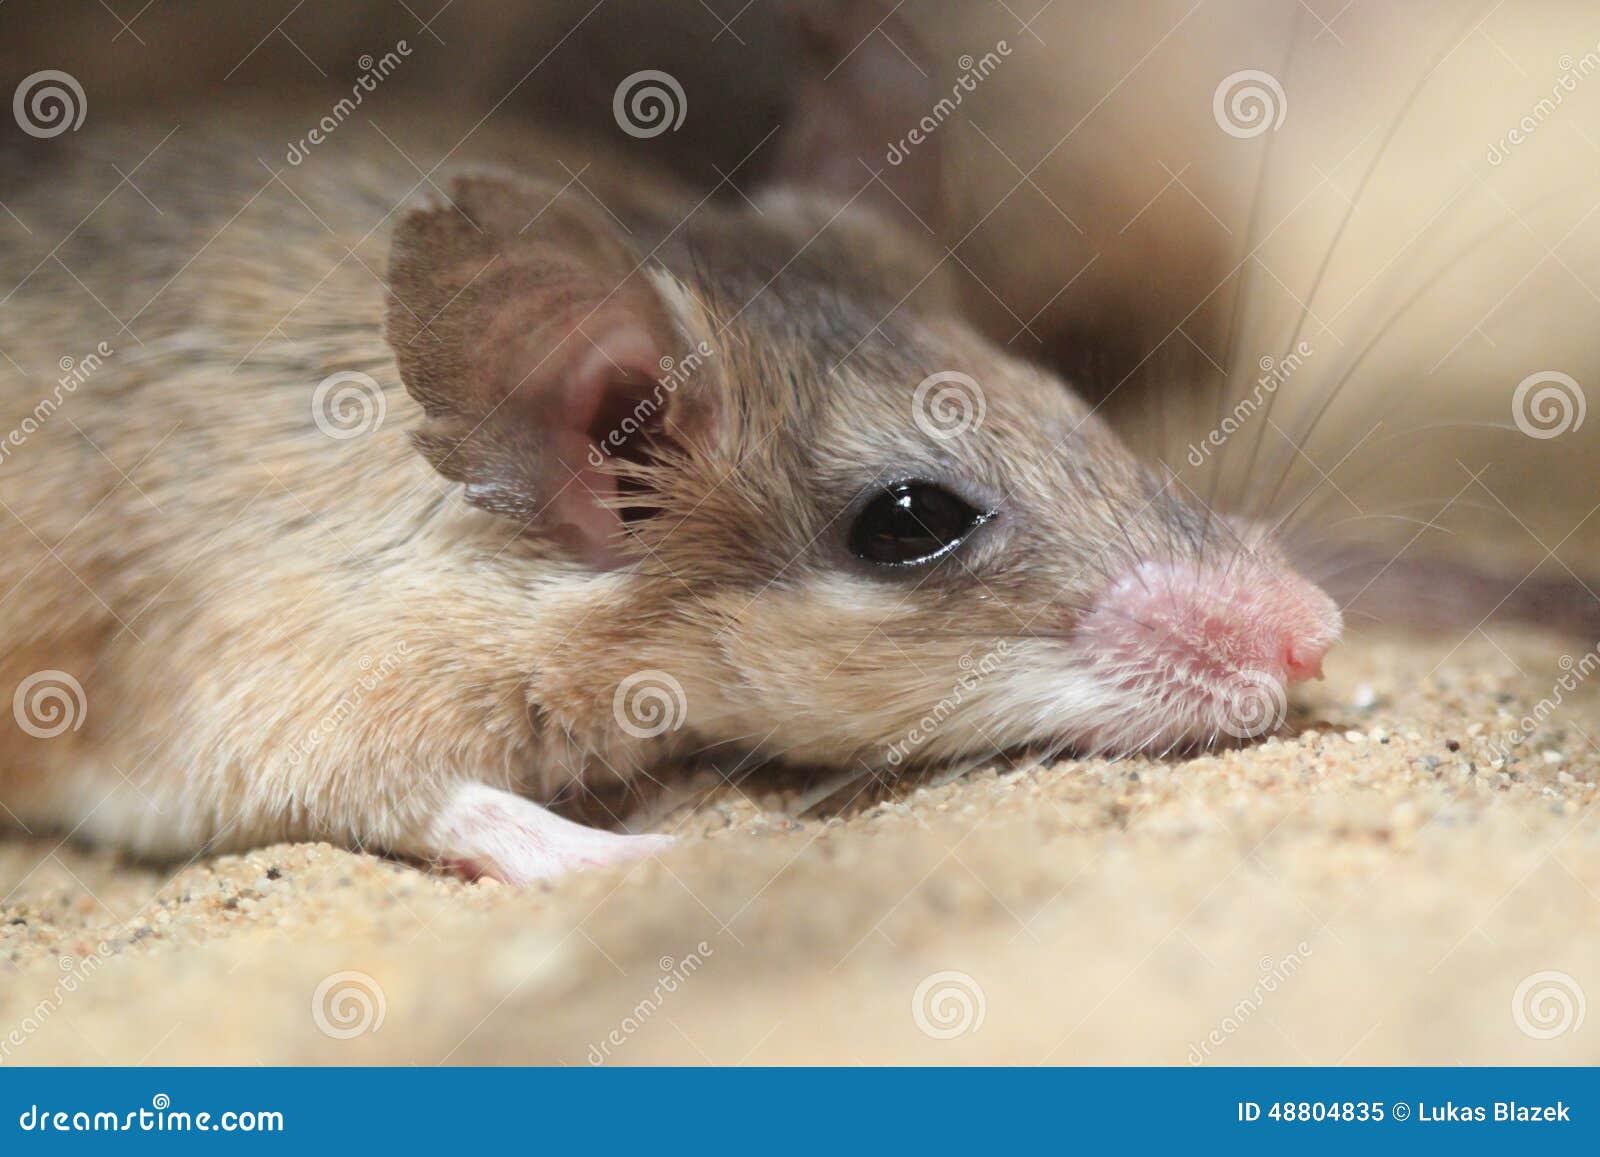 Ratón espinoso de Asia Menor